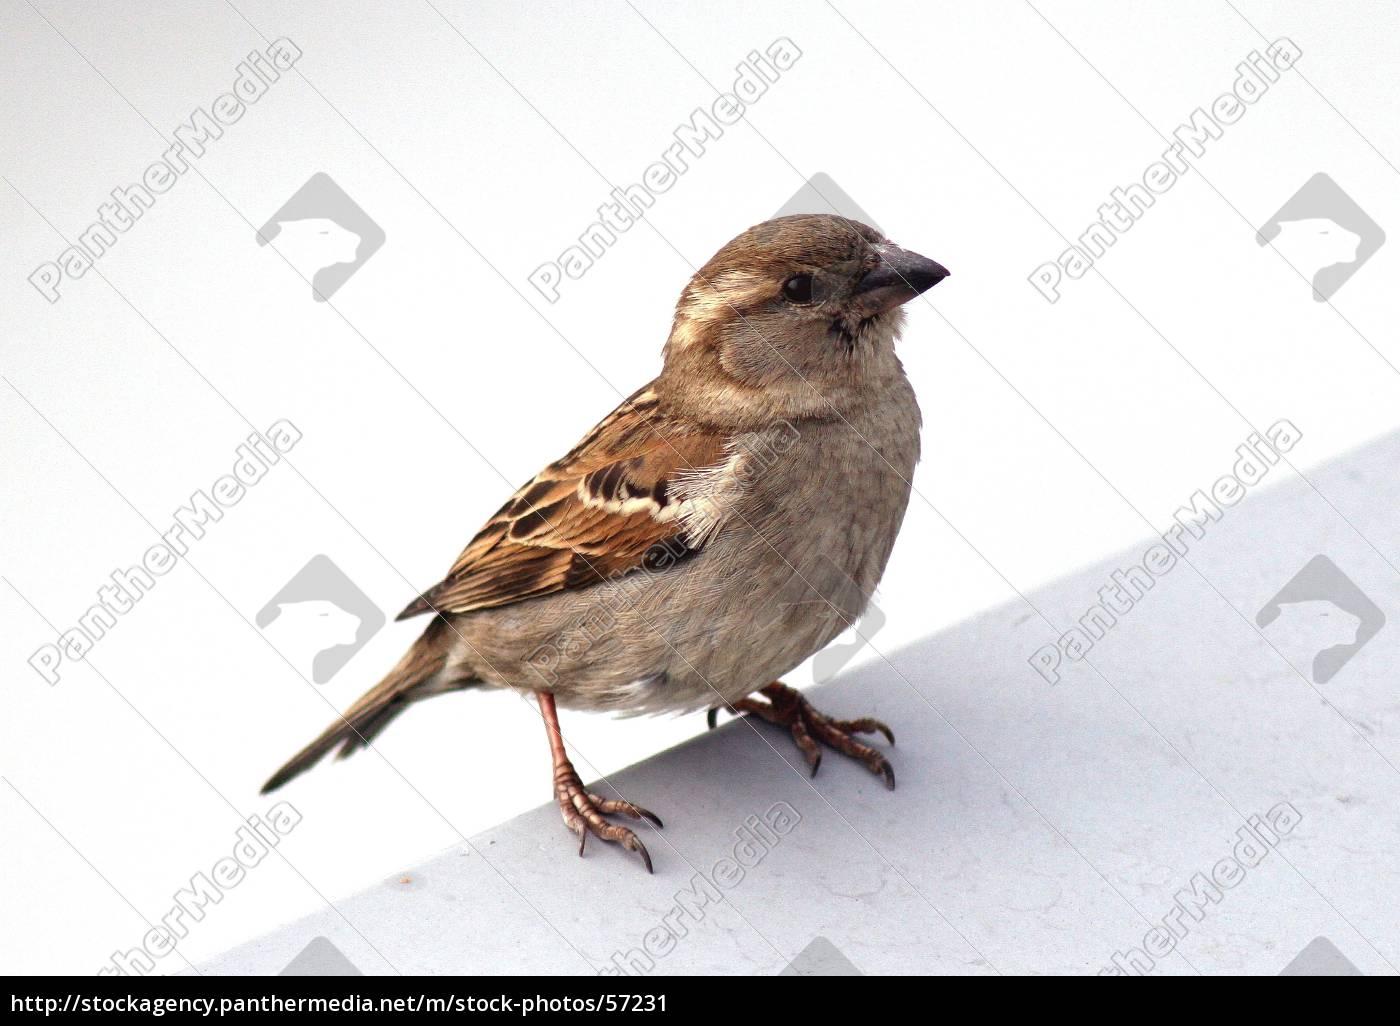 sparrow - 57231